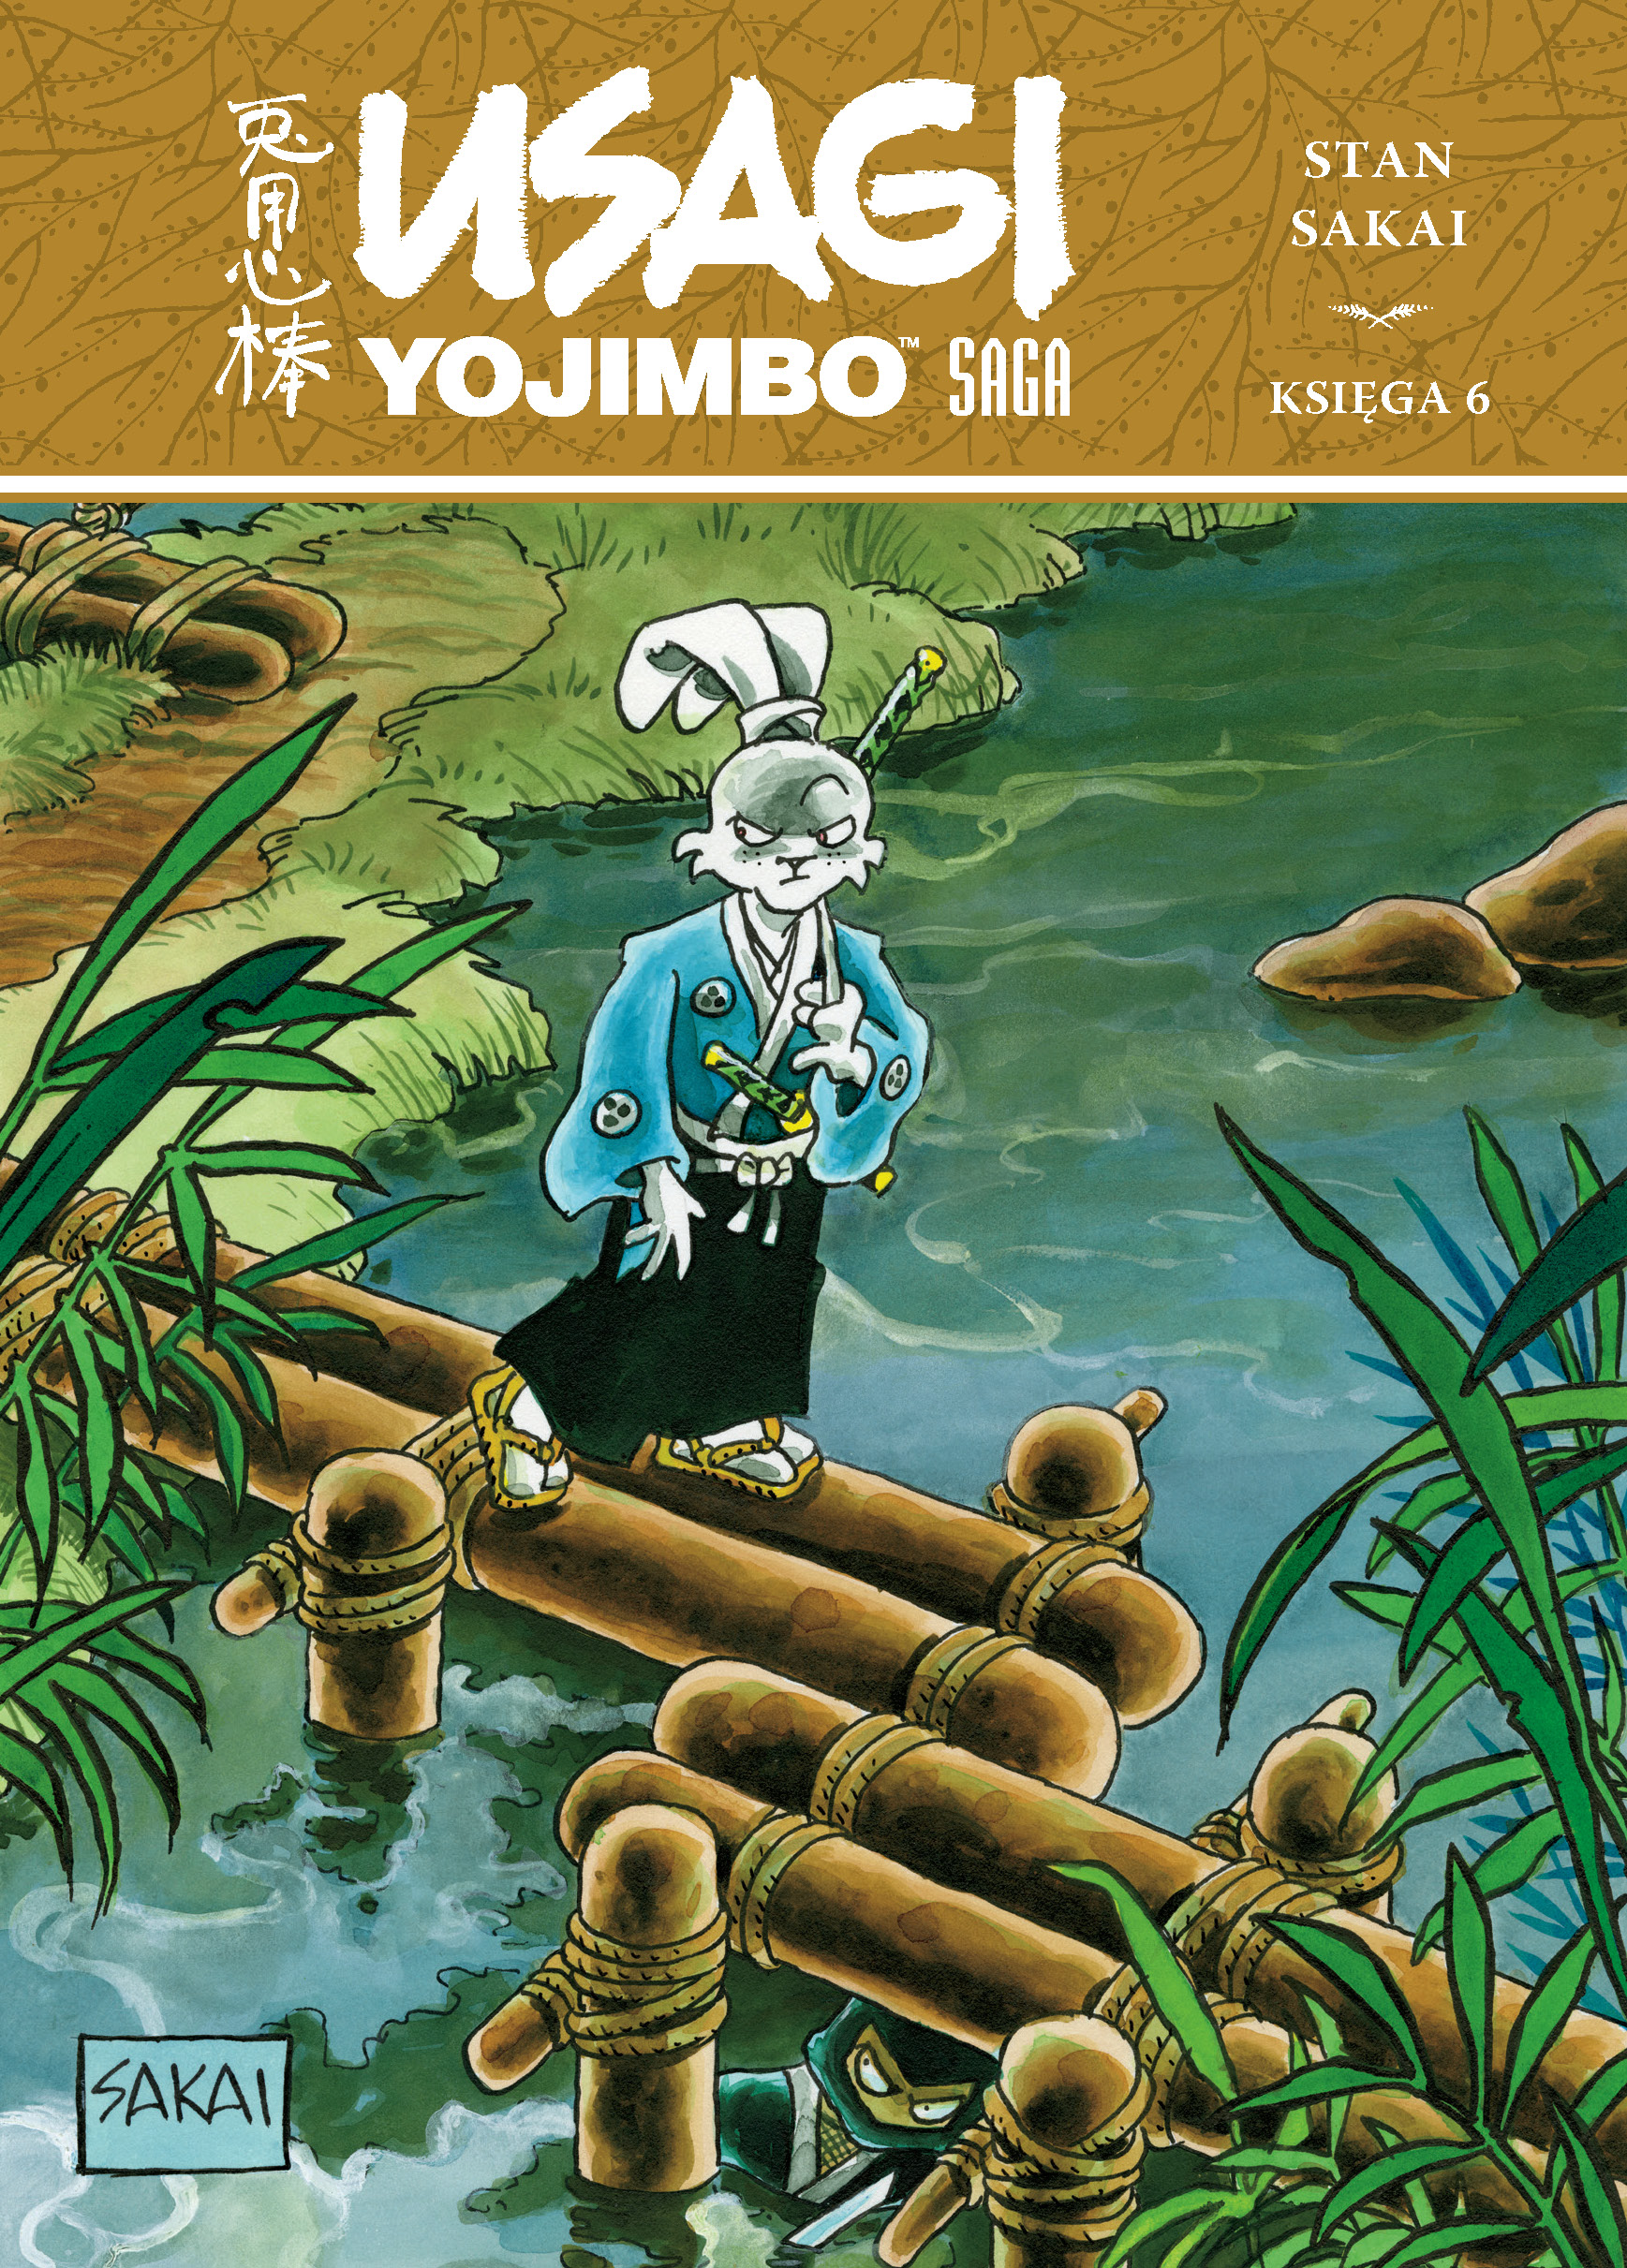 Przygody Usagiego Yojimbo i inne komiksowe nowości od Egmontu na grudzień 2020